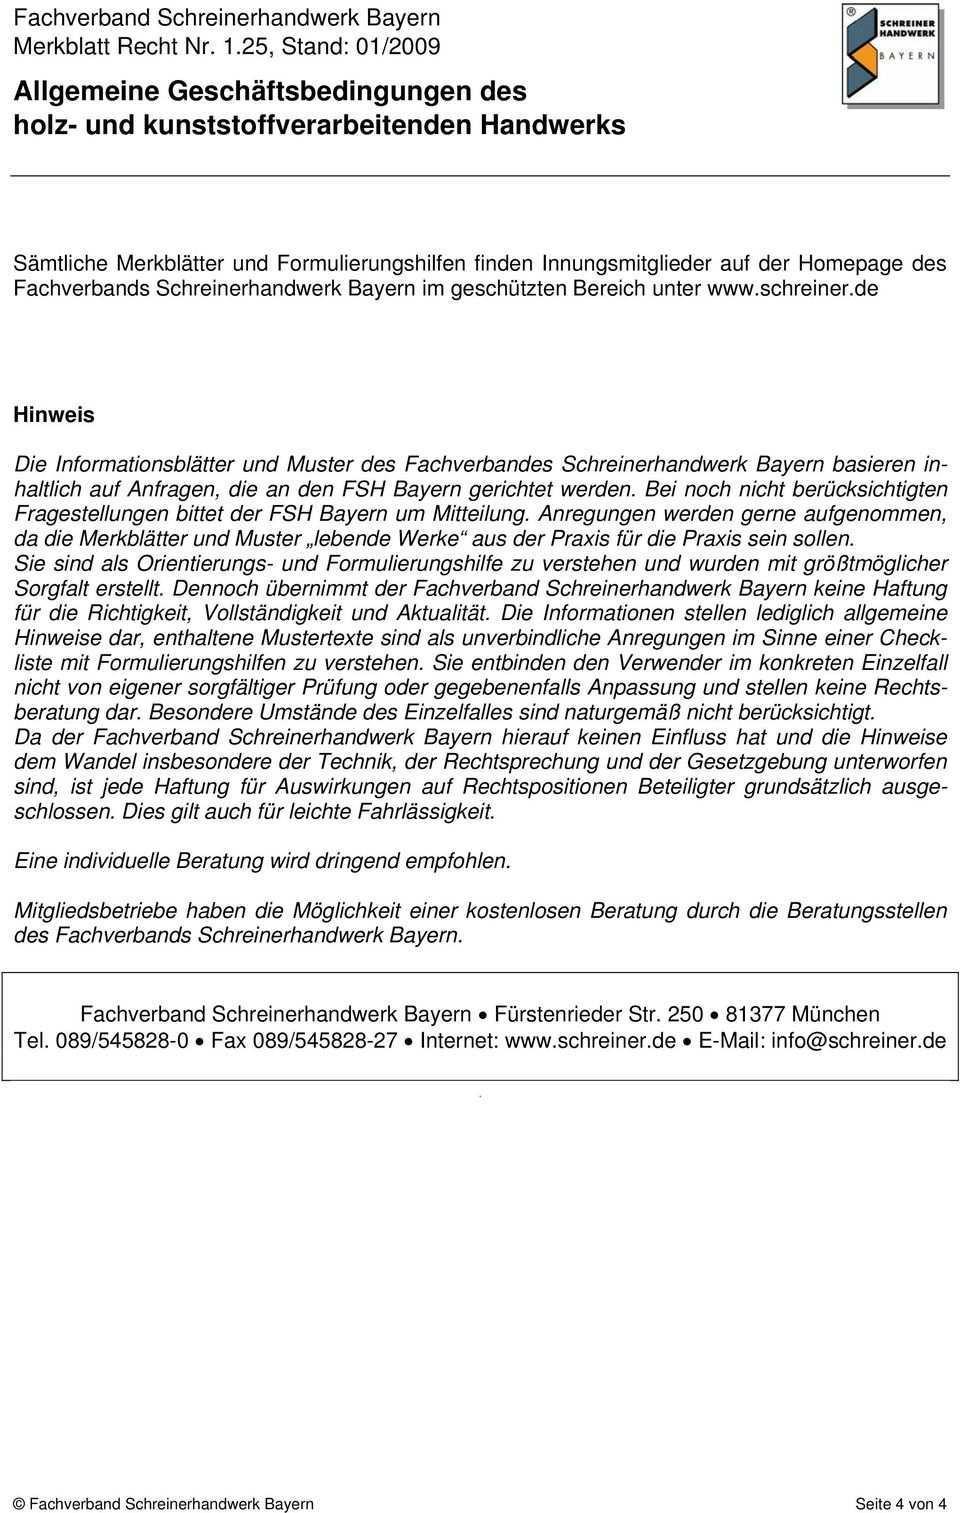 Allgemeine Geschaftsbedingungen Holz Und Kunststoffverarbeitenden Handwerks Pdf Kostenfreier Download